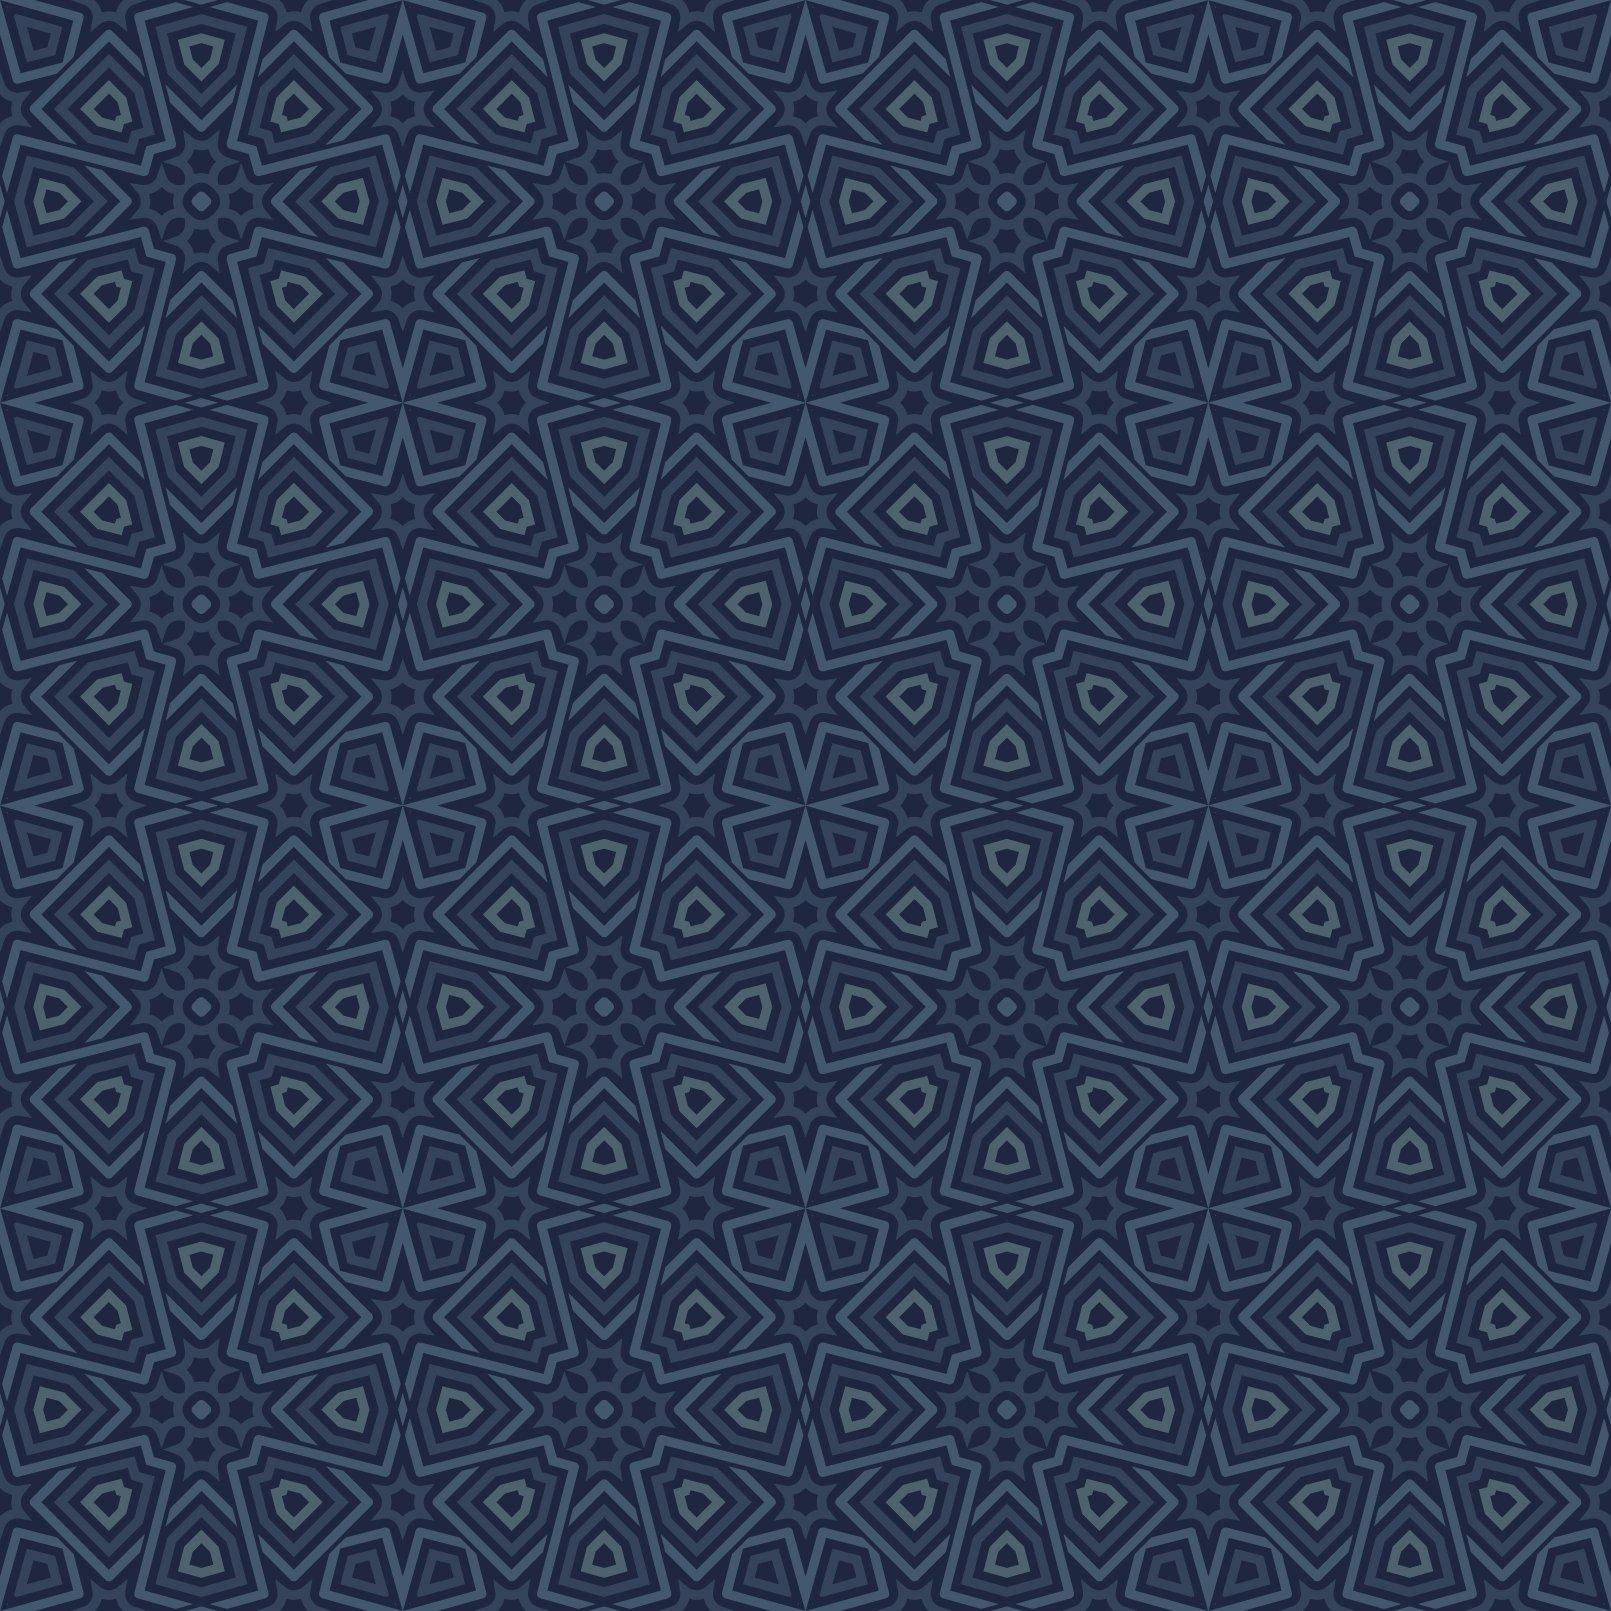 Arabesque-blue-repeat_2048x